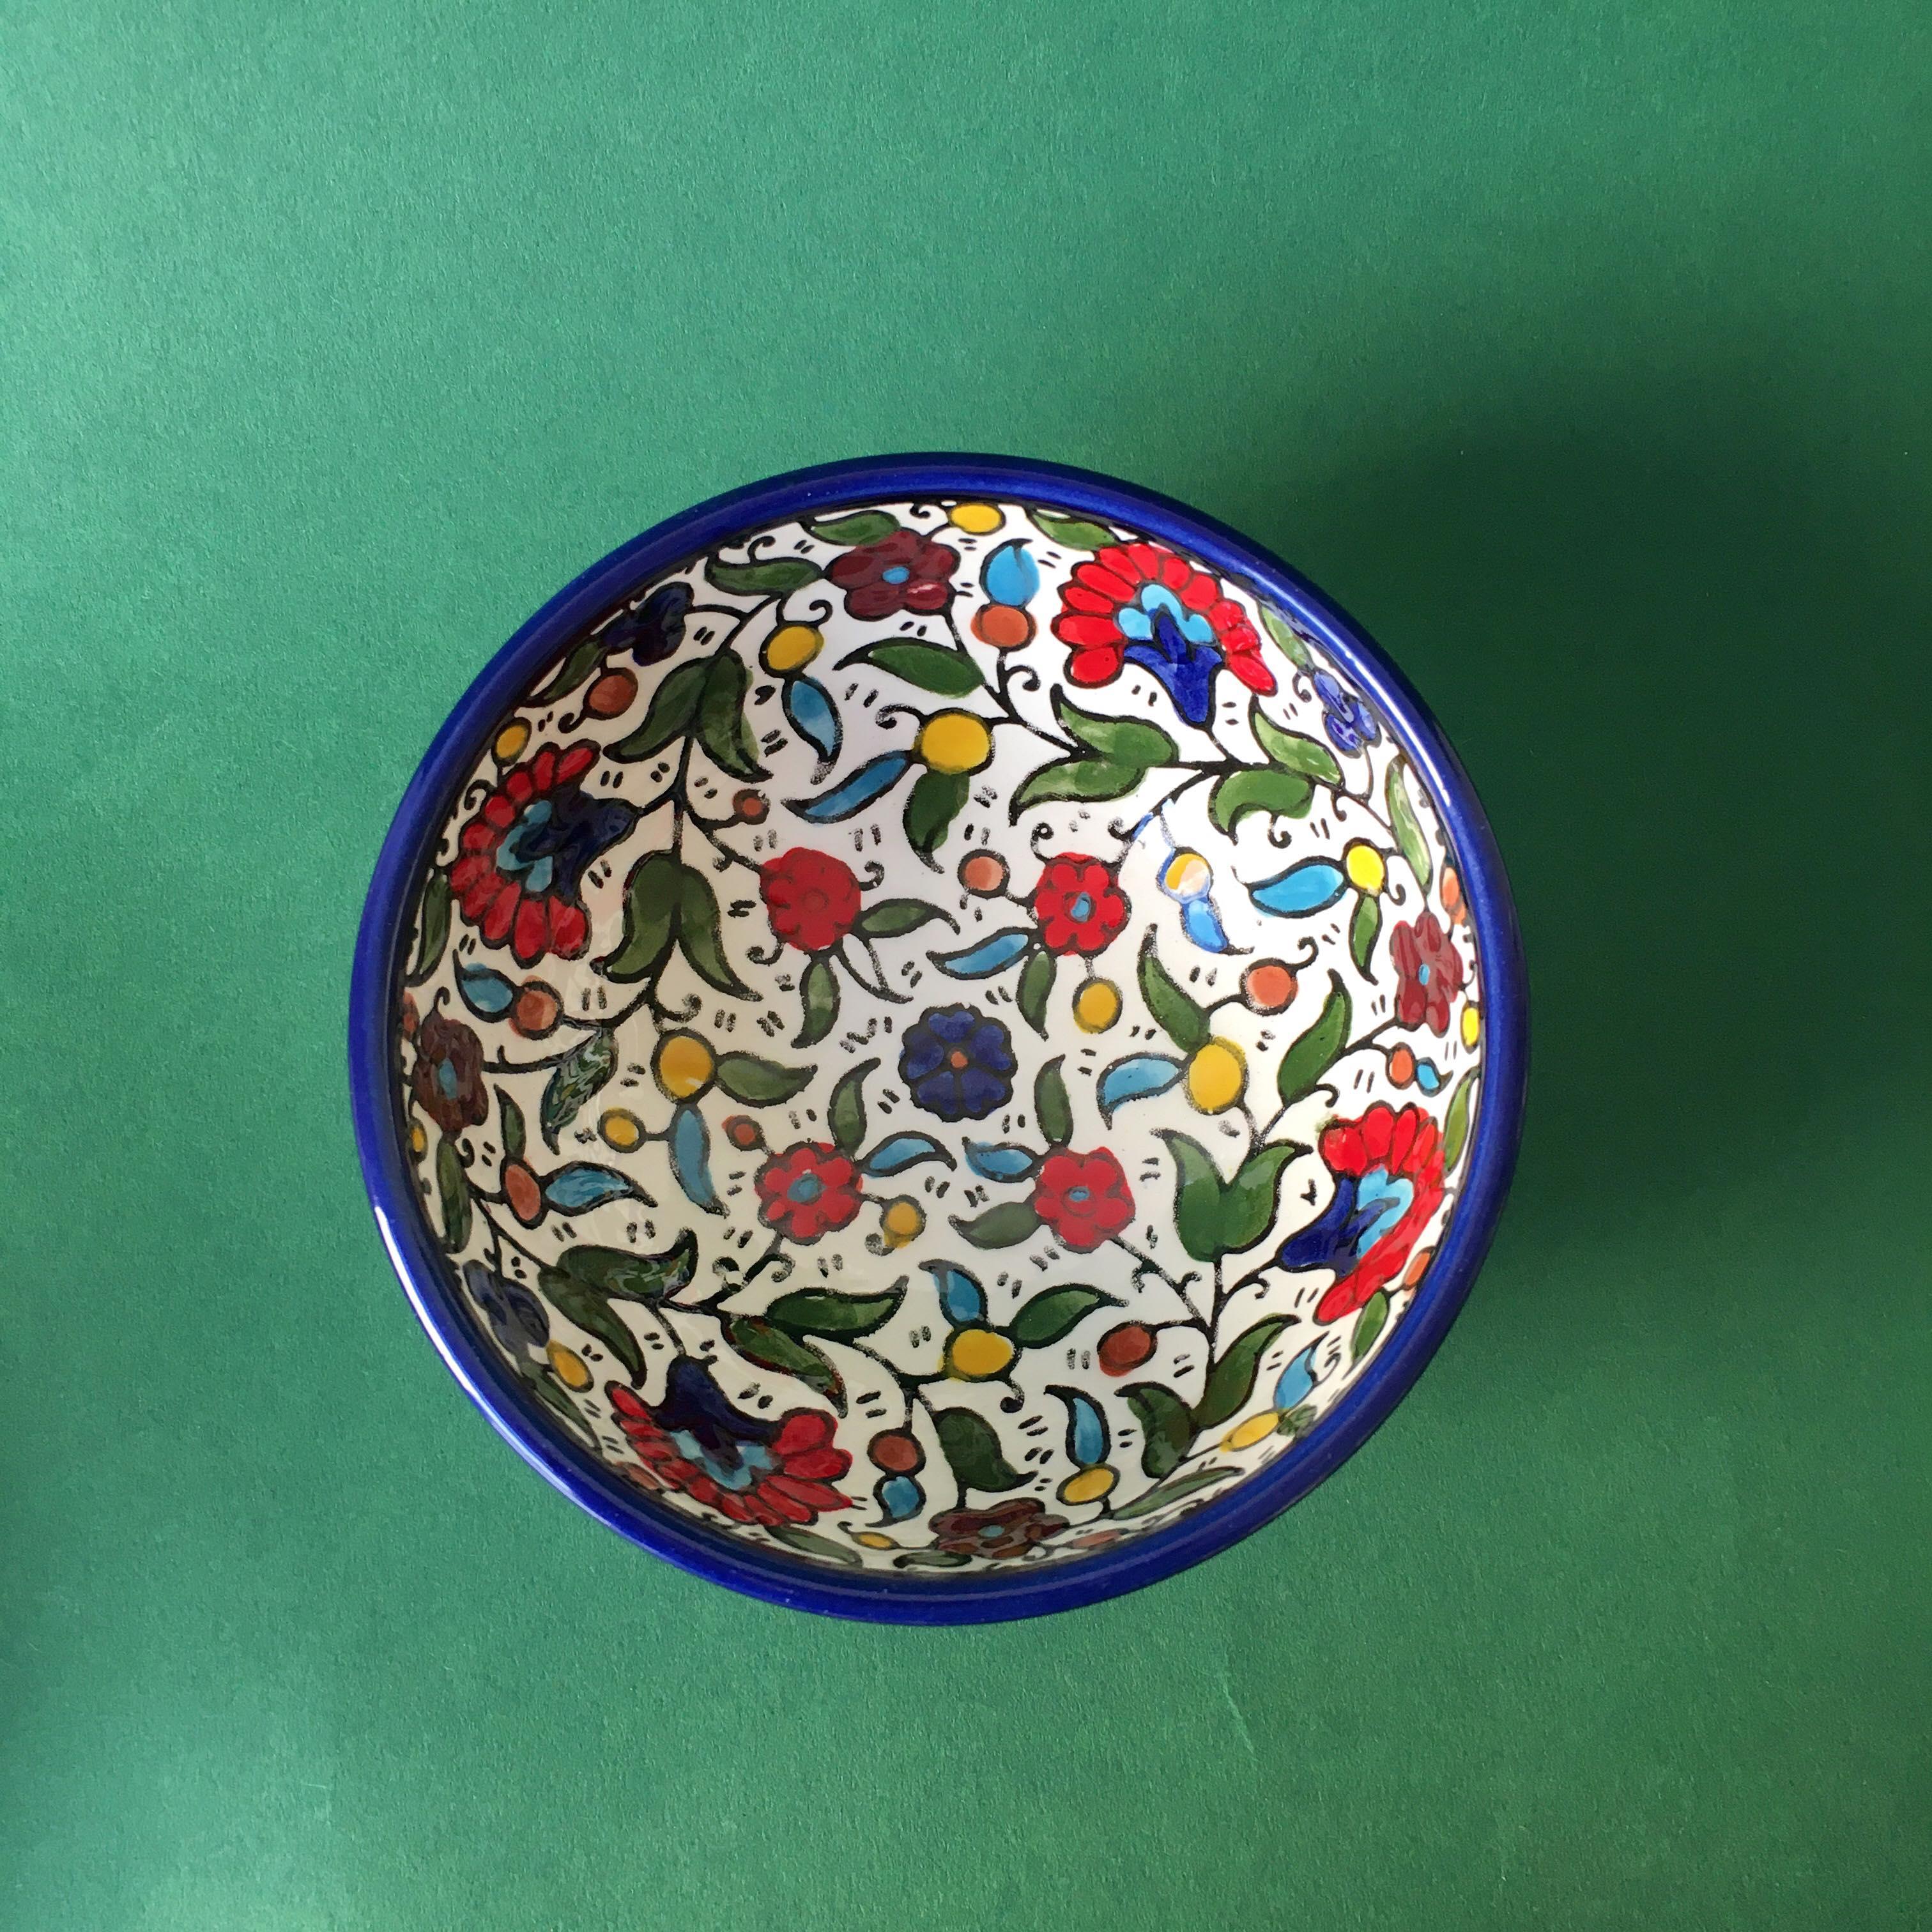 Keramikkskål, flerfarget